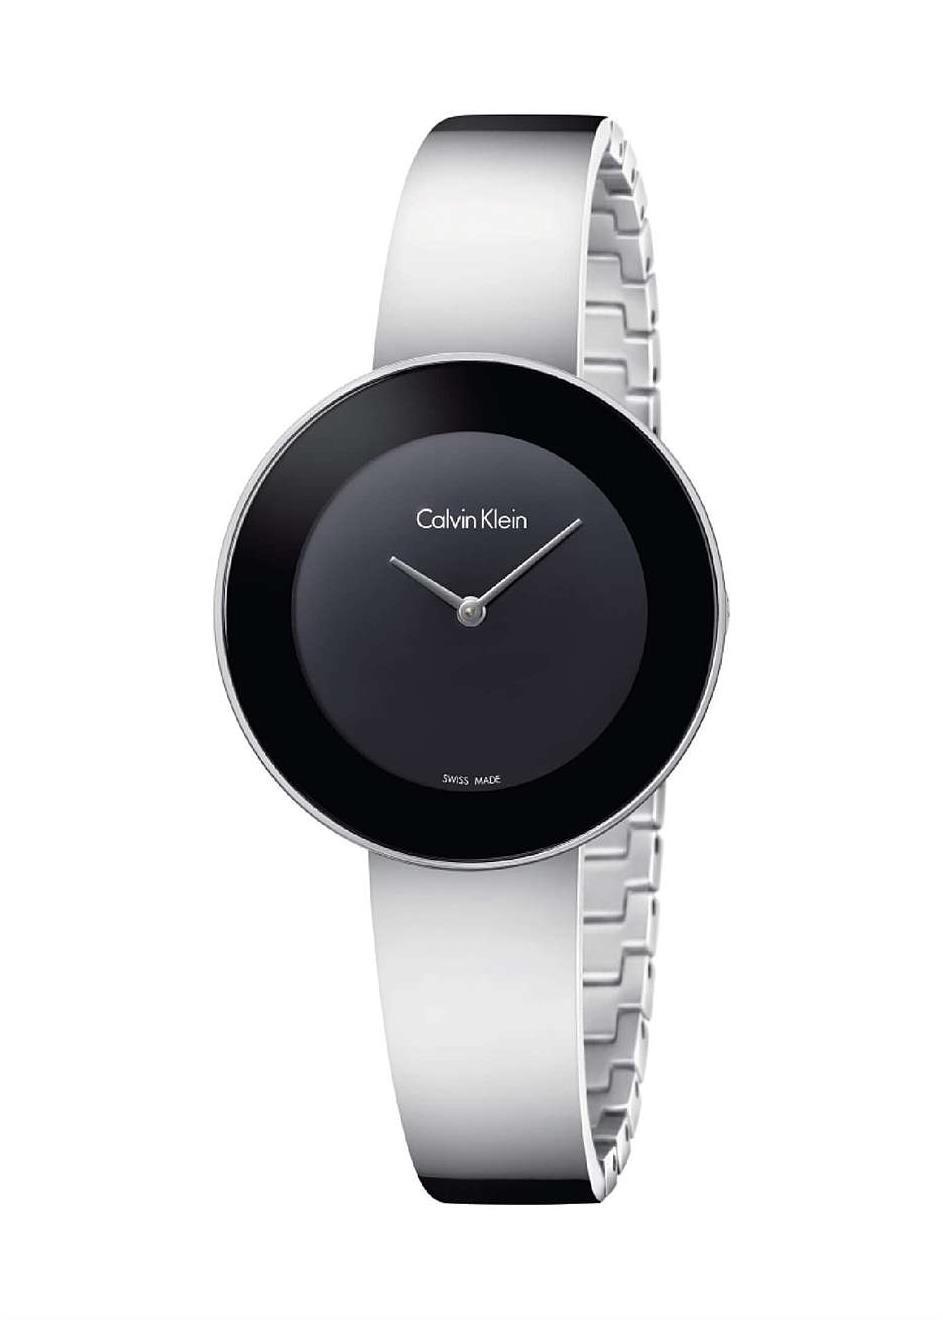 CK CALVIN KLEIN Ladies Wrist Watch Model CHIC K7N23C41